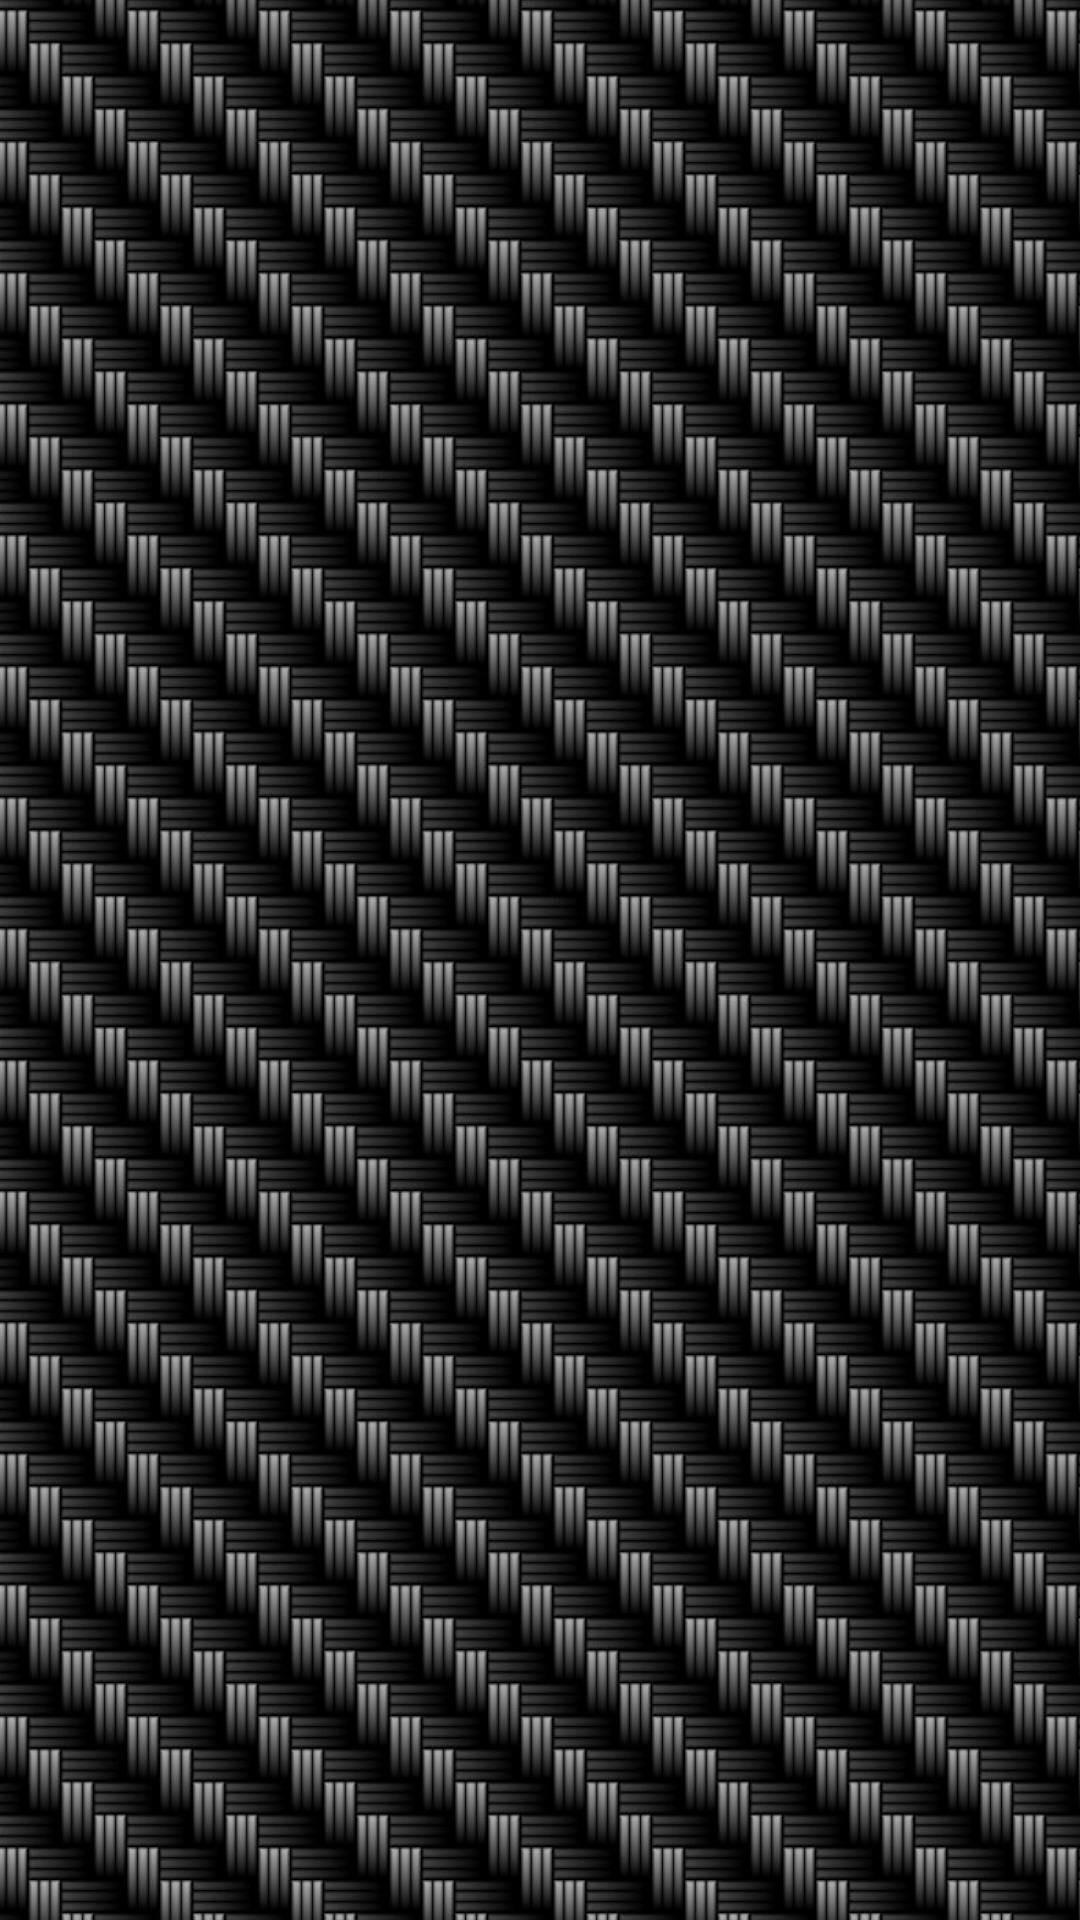 Carbon Fiber HD Wallpaper (74+ images)